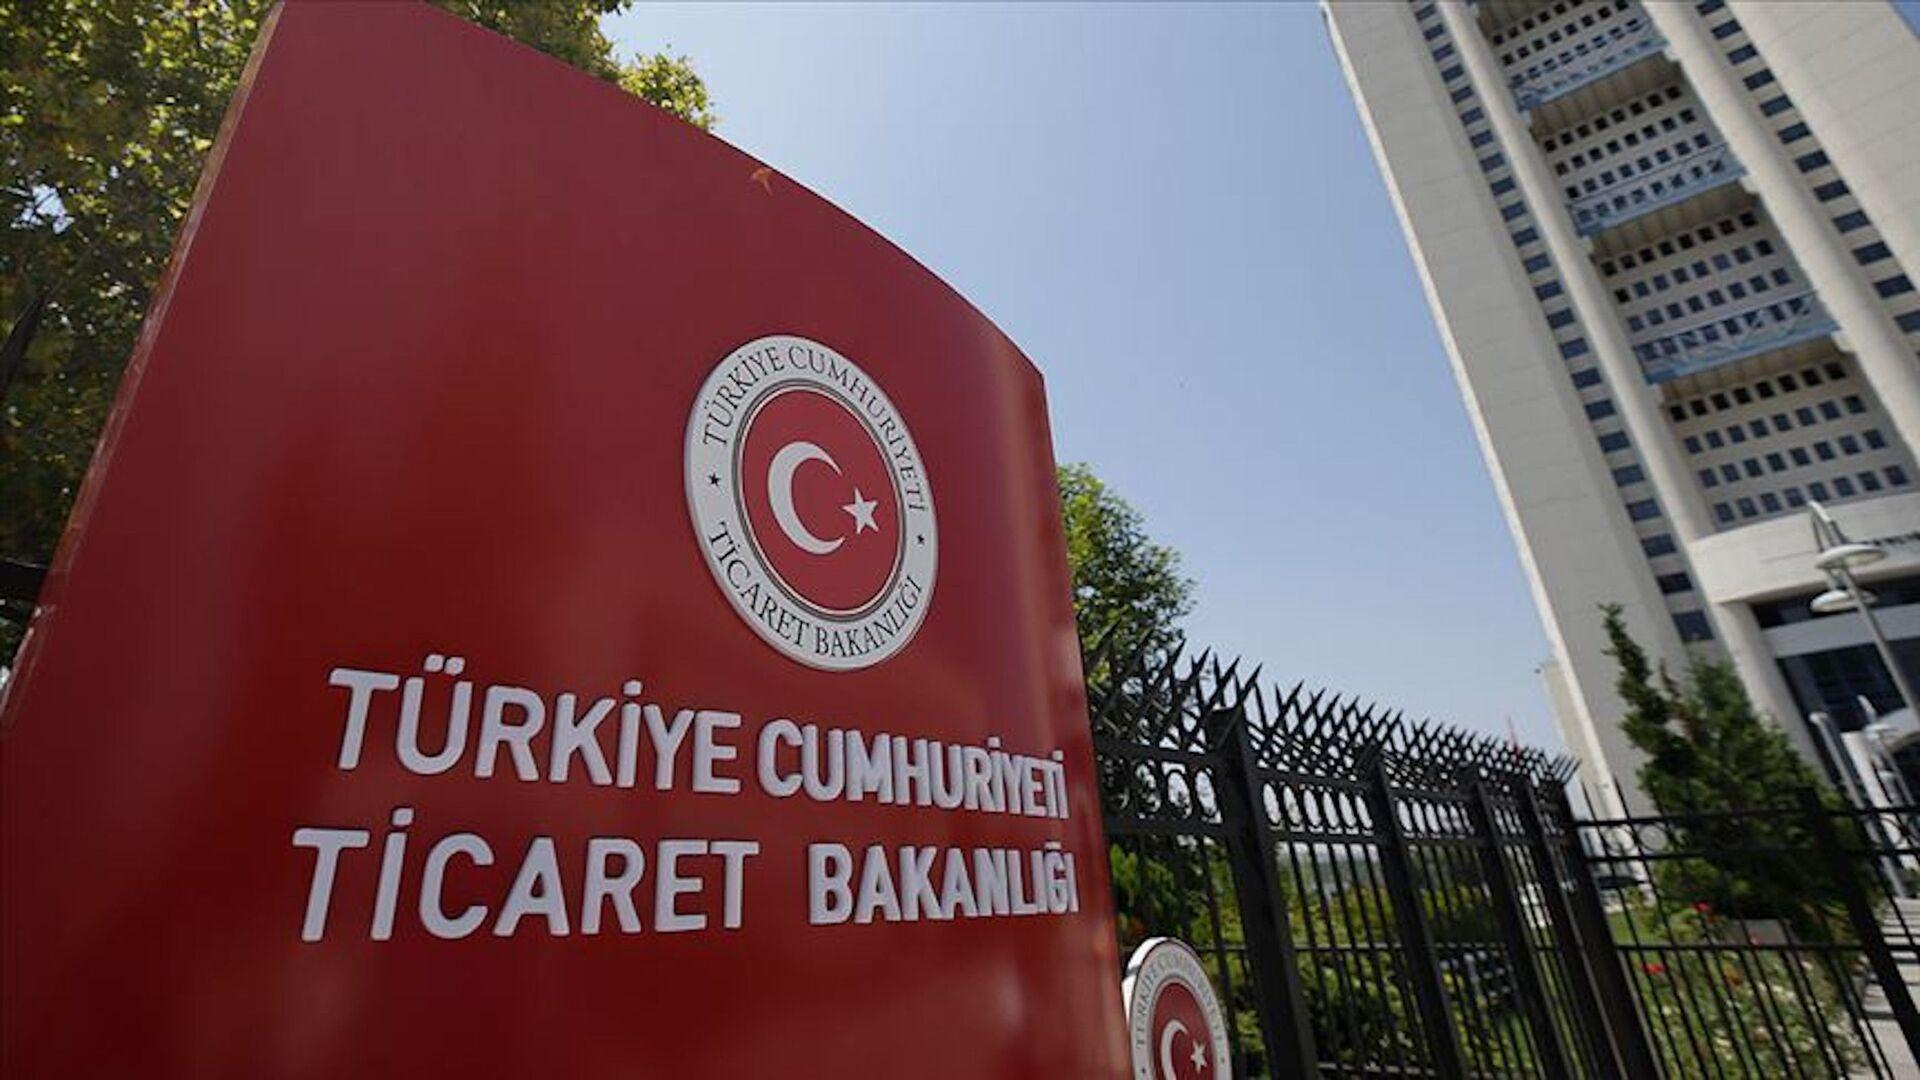 Ticaret Bakanlığı - Sputnik Türkiye, 1920, 28.09.2021